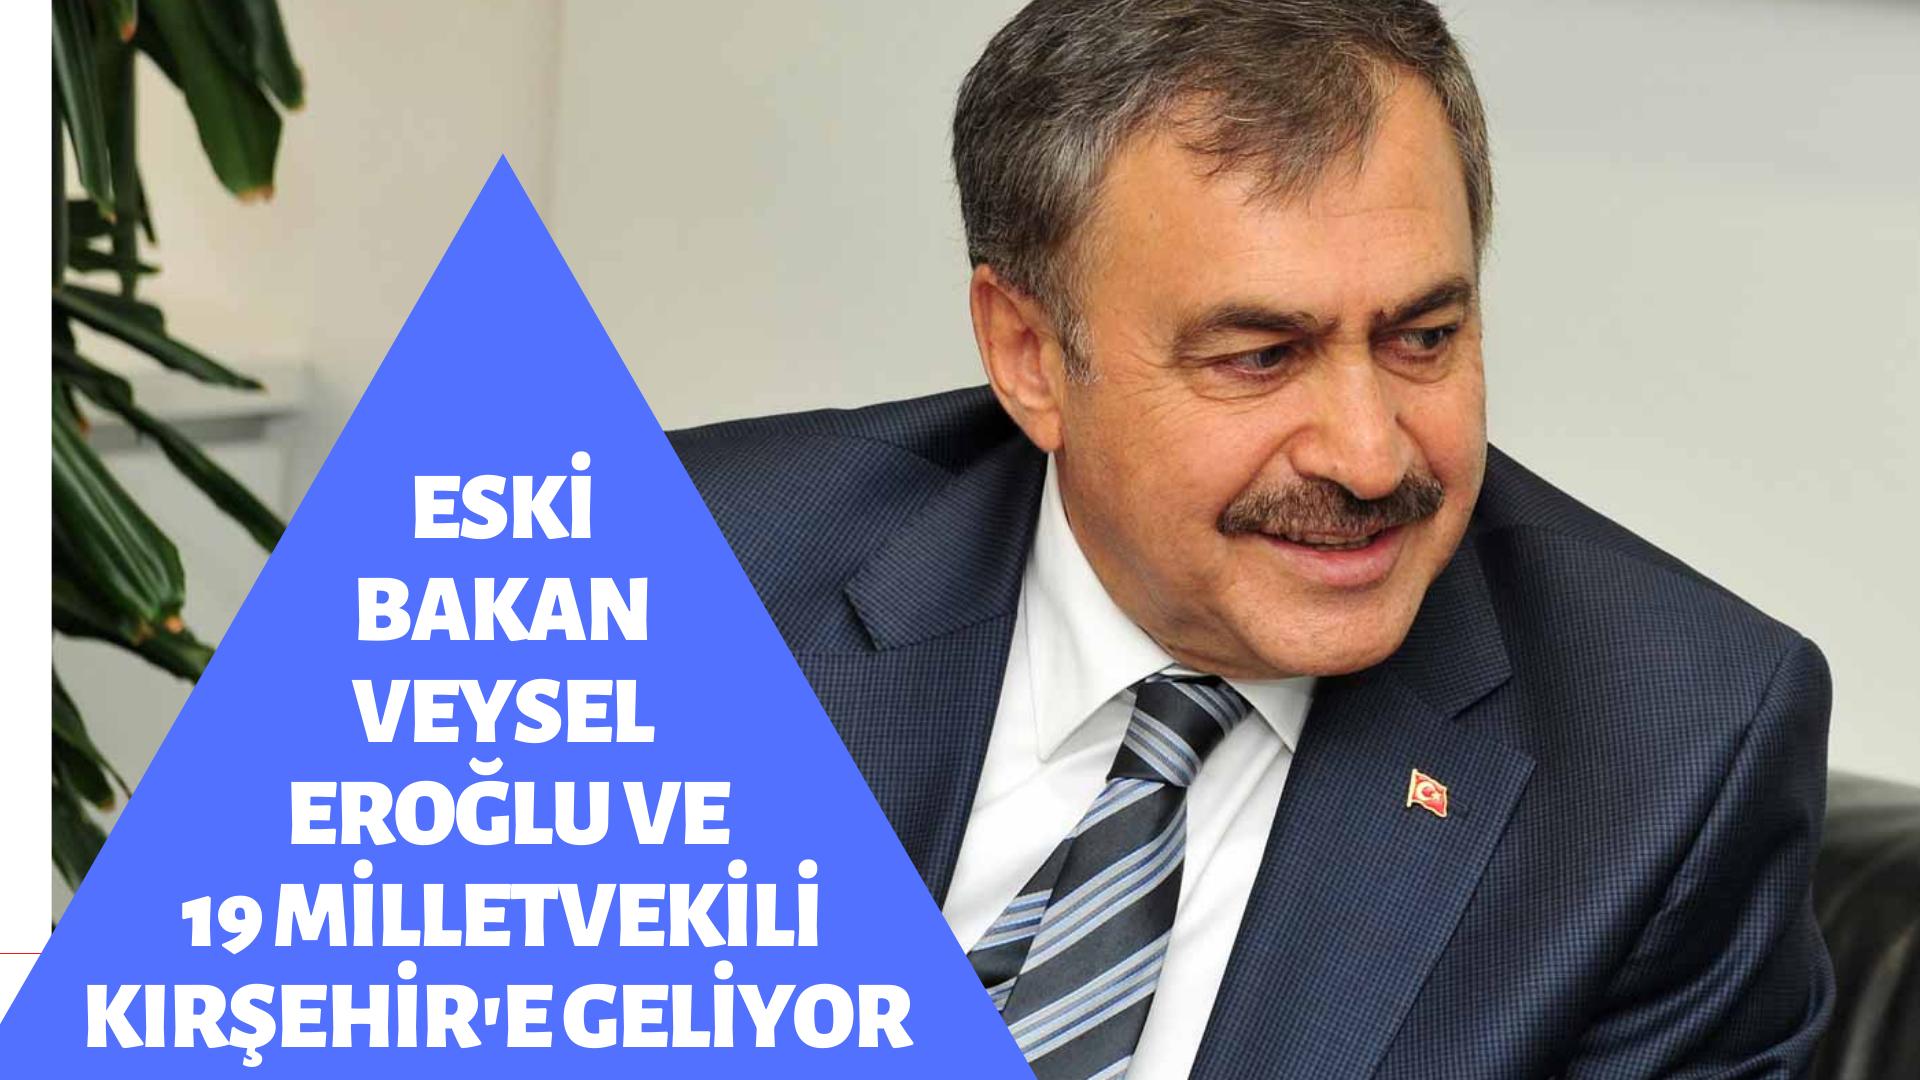 Eski Bakan Eroğlu ve 19 Milletvekili Kırşehir'e geliyor